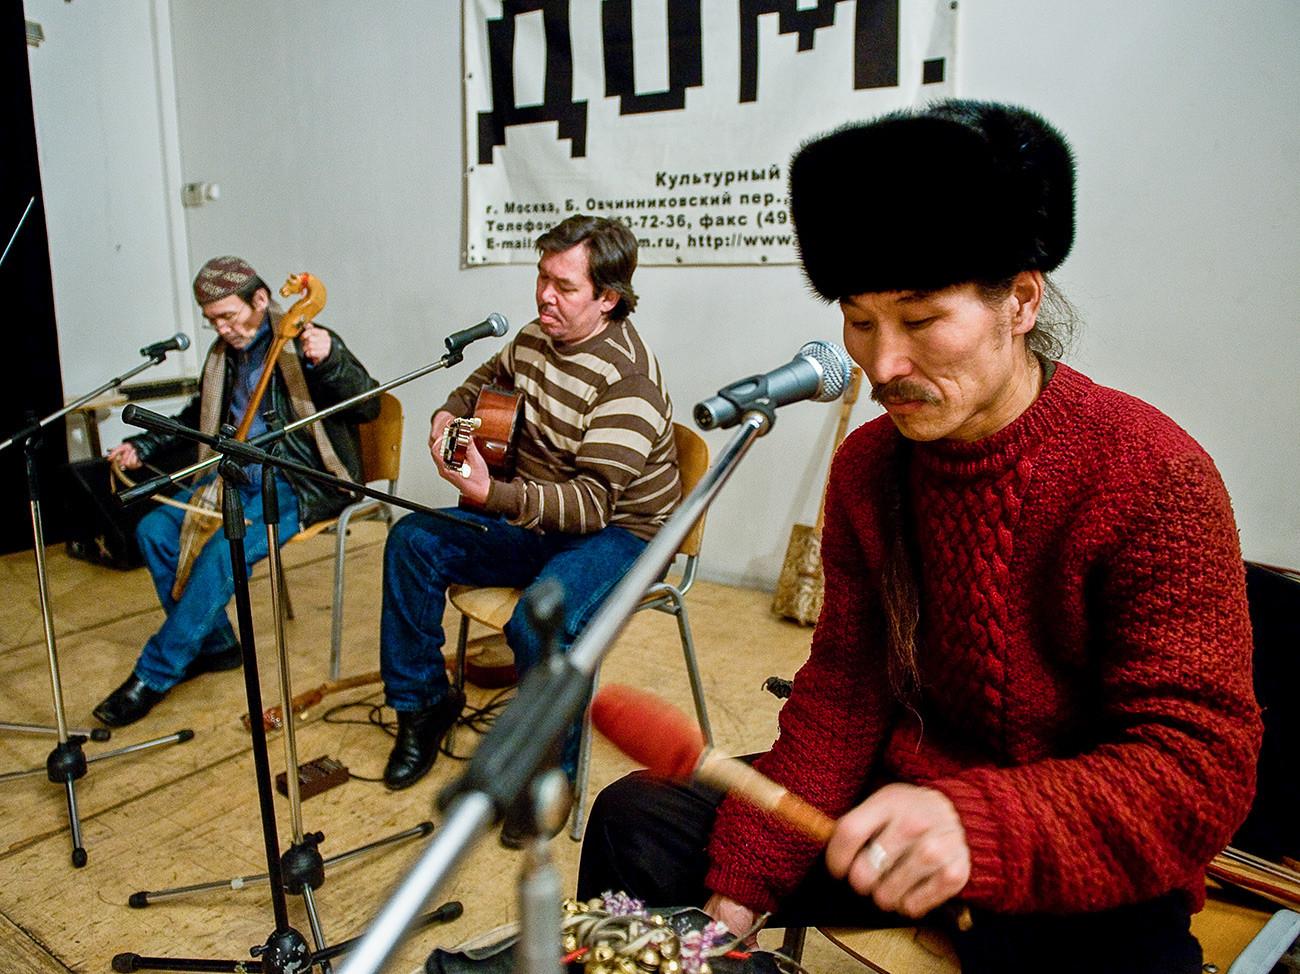 Člani tuvinske skupine Huun-Huur-Tu, od leve proti desni, Kaigal-ol Hovalig, Sajan Bapak in Aleksej Sariglar med vajo pred koncertom v klubu